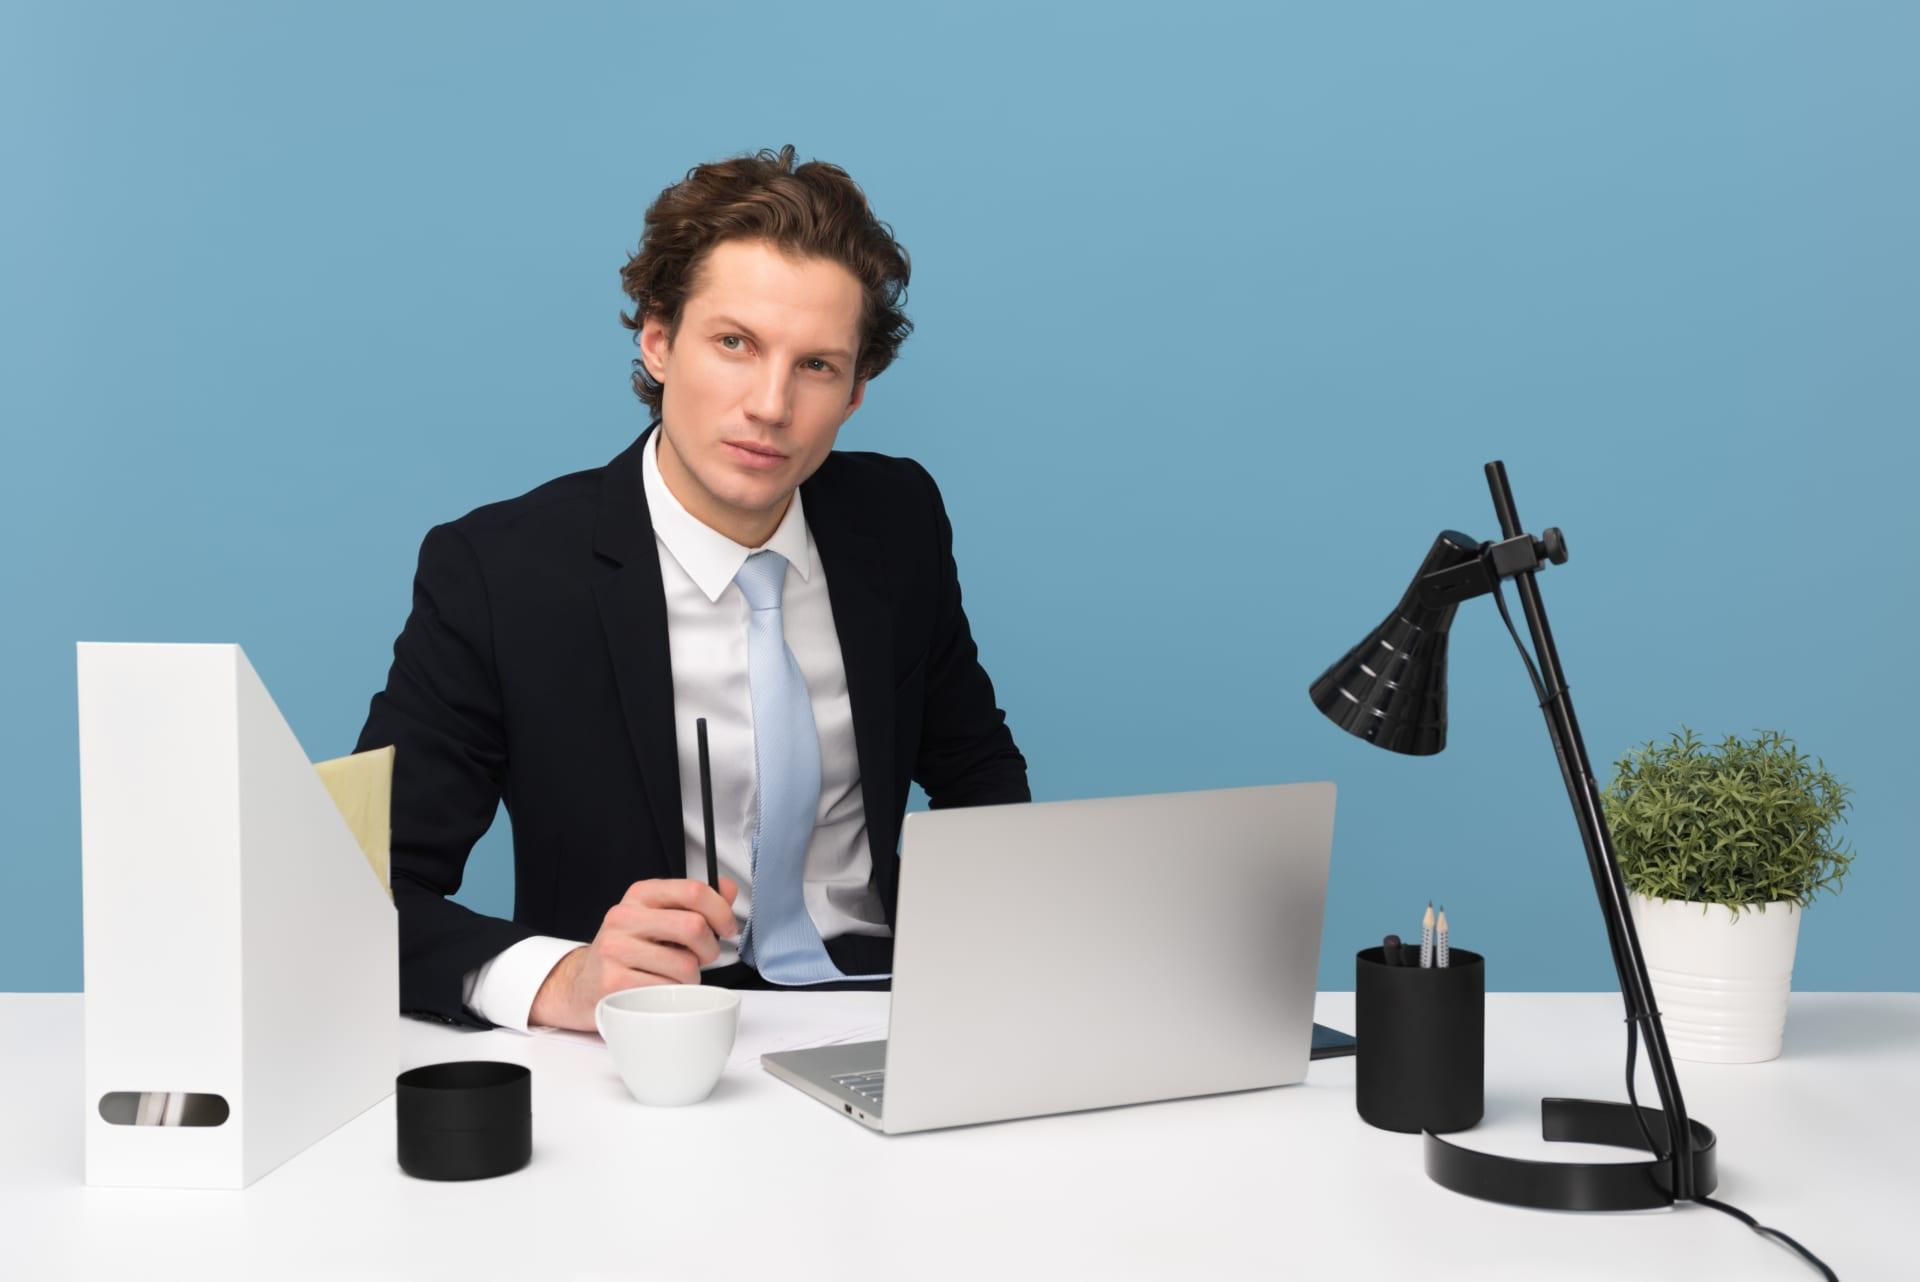 管理職に求められるスキルとは?能力を高めるための施策もご紹介 Senses lab. top